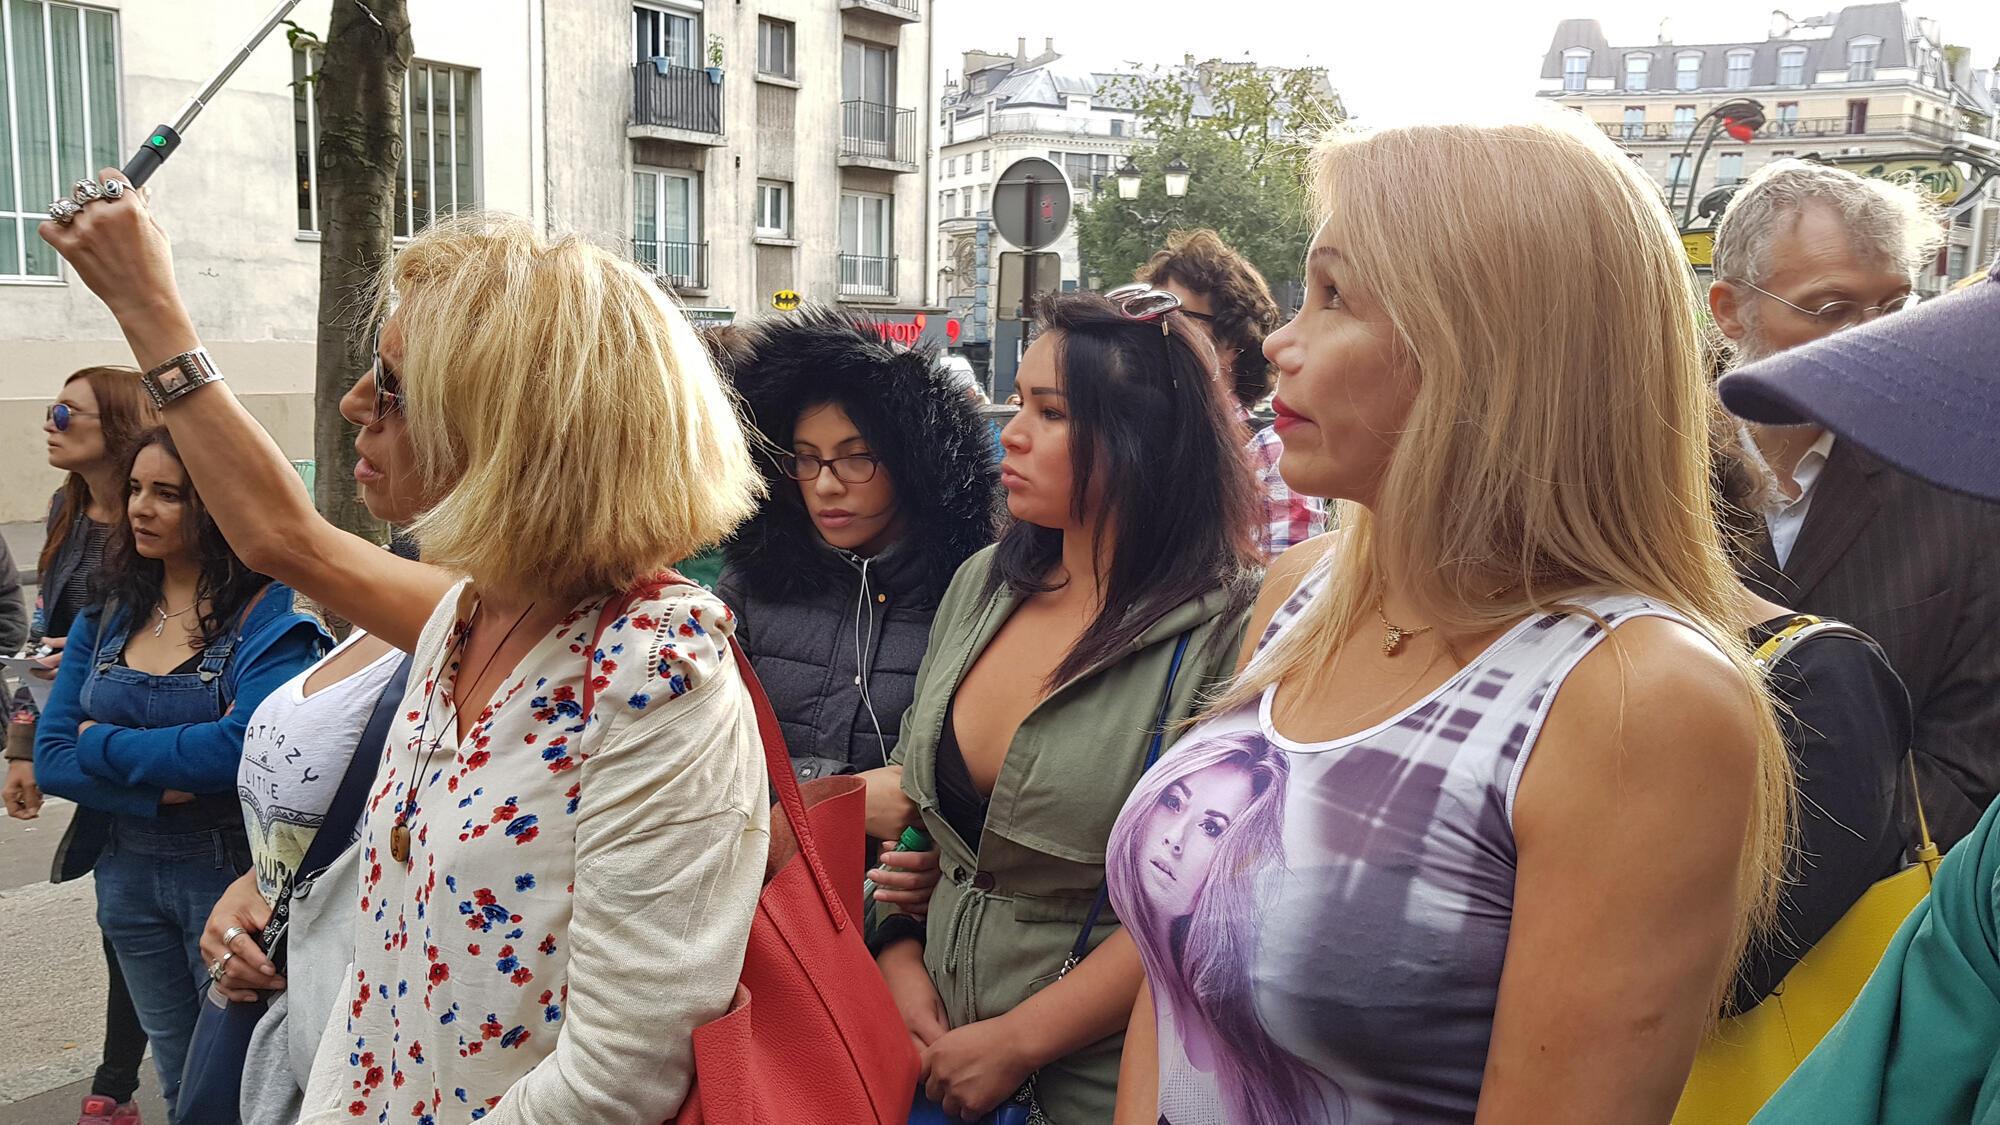 Hommage à la prostituée transgenre, Vanessa Campos assassinée au Bois de Boulogne dans la nuit du 16 août 2018.